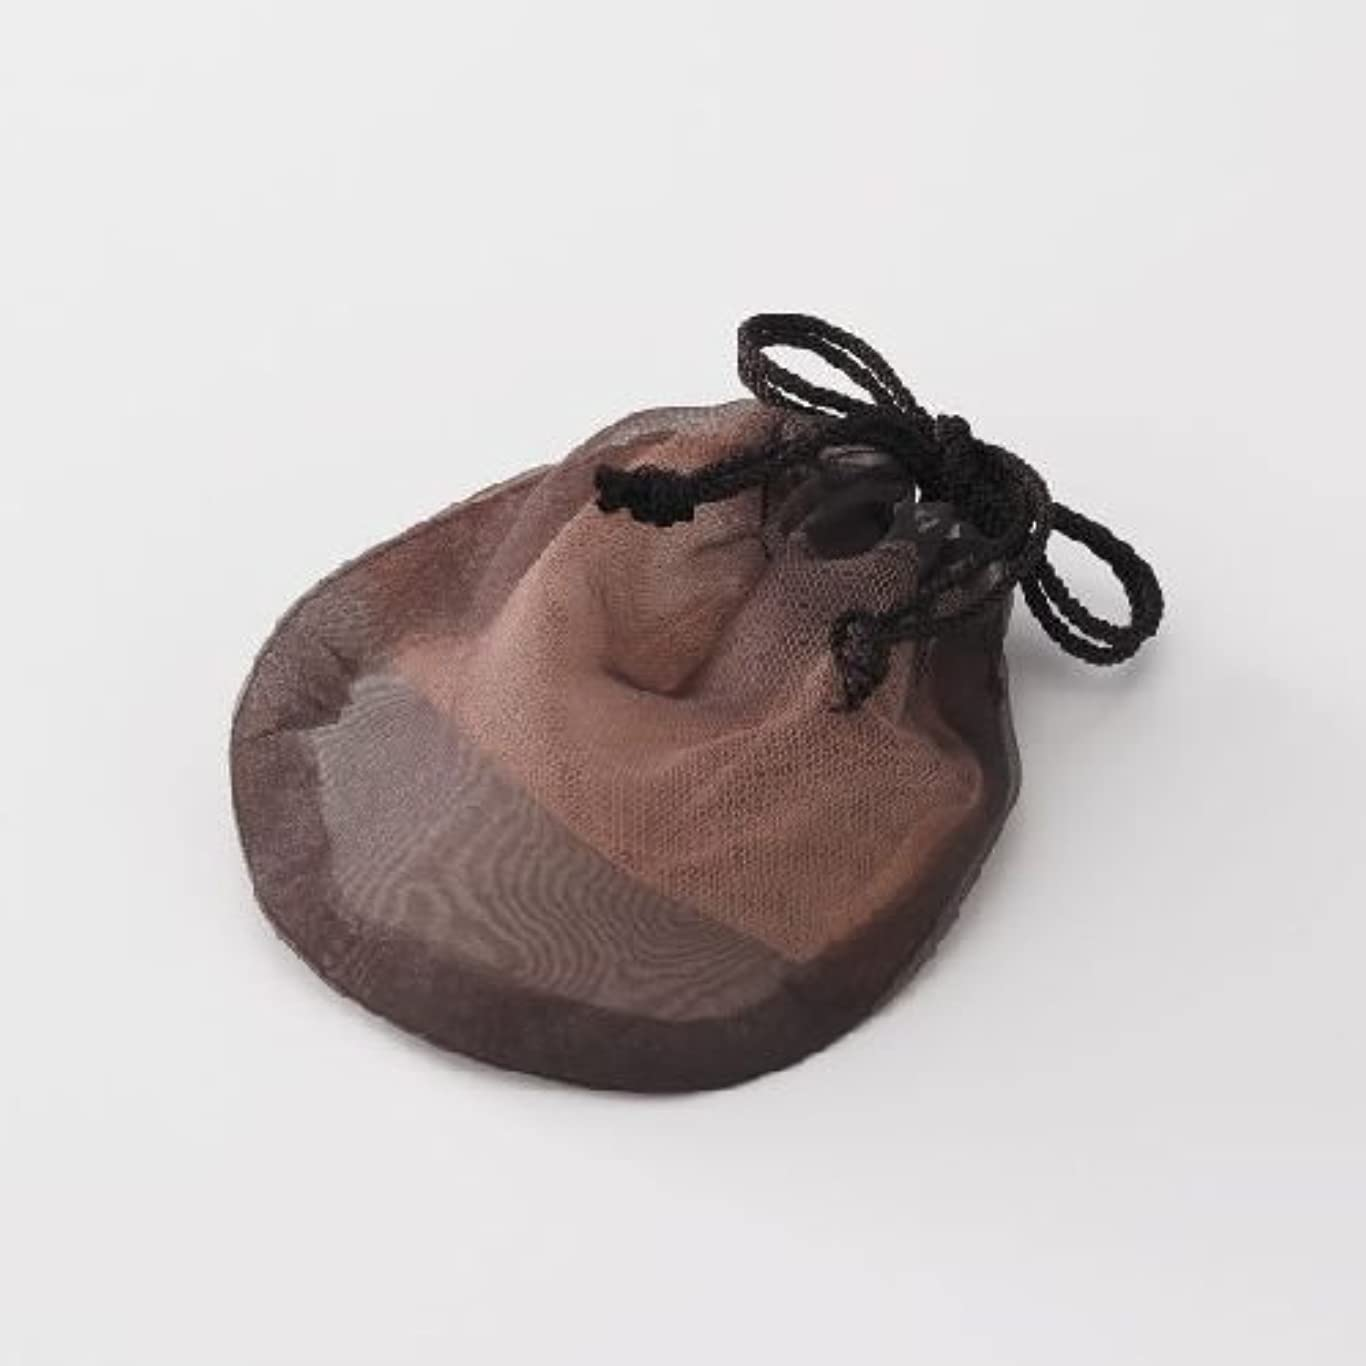 プレゼンブラシ底ピギーバックス ソープネット 瞬時にマシュマロのようなお肌に負担をかけないキメ細かな泡をつくることができるオシャレなポーチ型オリジナル【泡だてネット】!衛生的に固形石鹸の保存もできます。